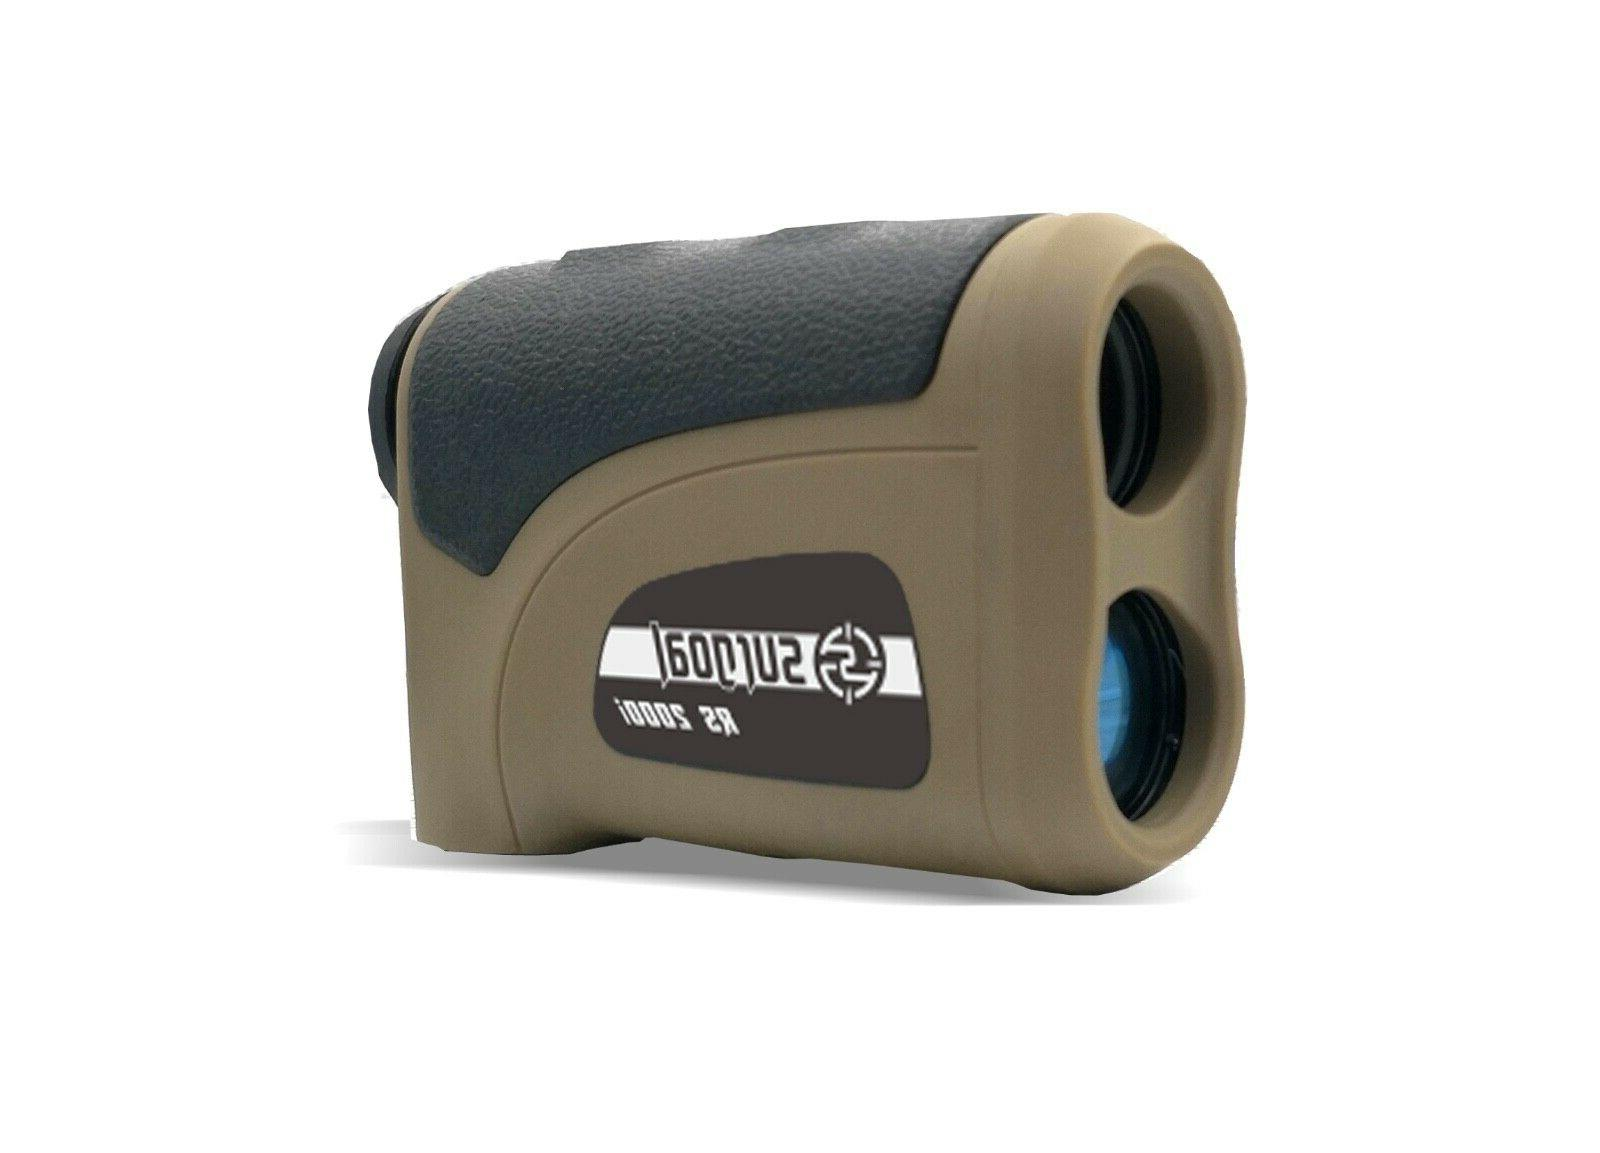 laser rangefinder 2000yard waterproof dustproof high accurac